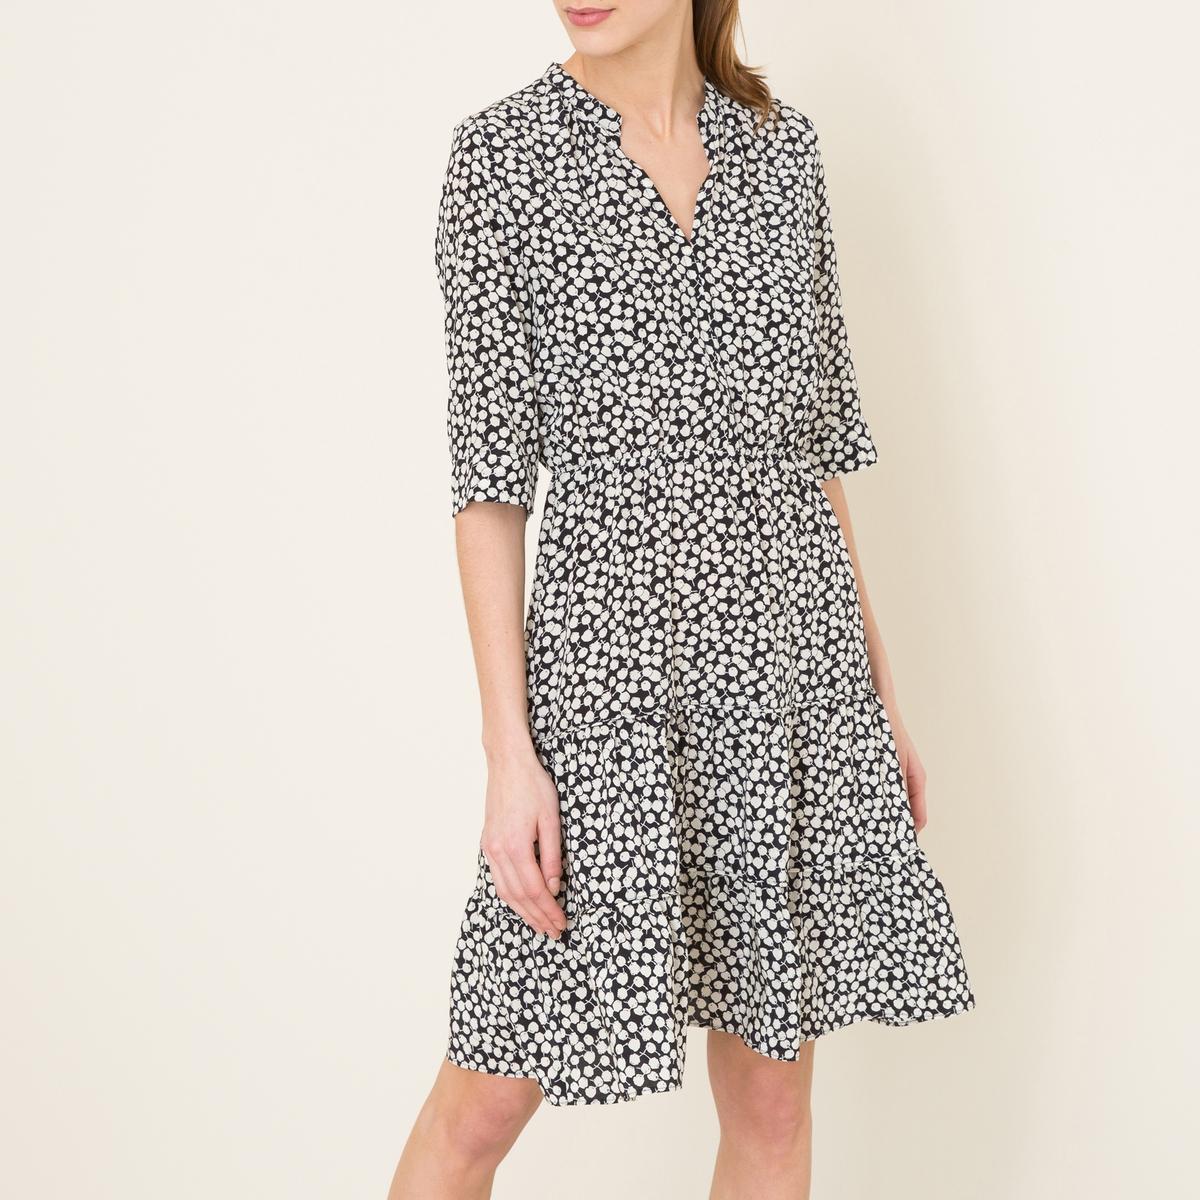 Платье с рисунком, эксклюзивный товар Brand Boutique от GERARD DAREL